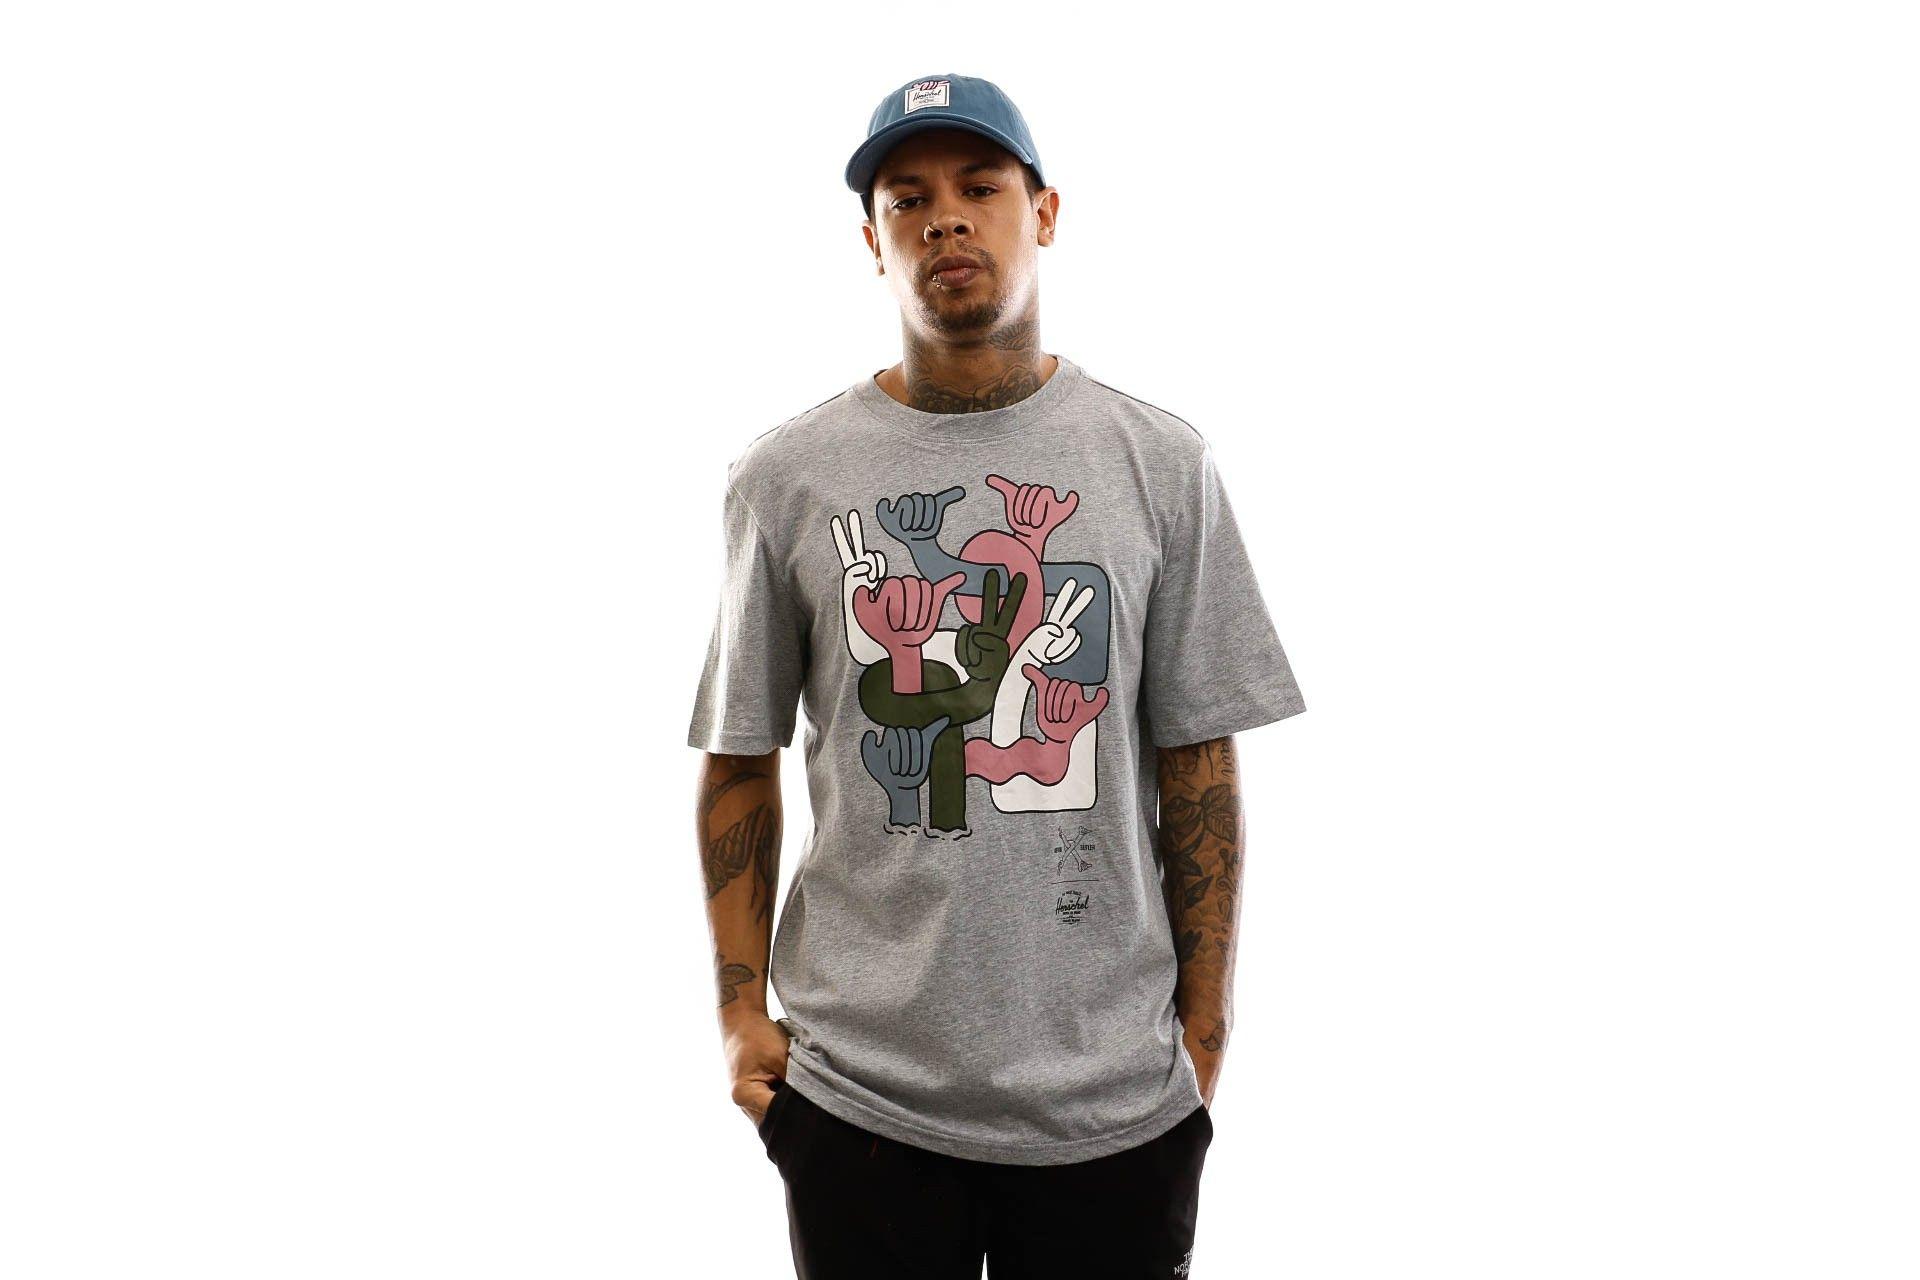 Afbeelding van Herschel T-shirt Kevin Butler | Men's Tee Group Hands Heather Grey 50027-00566